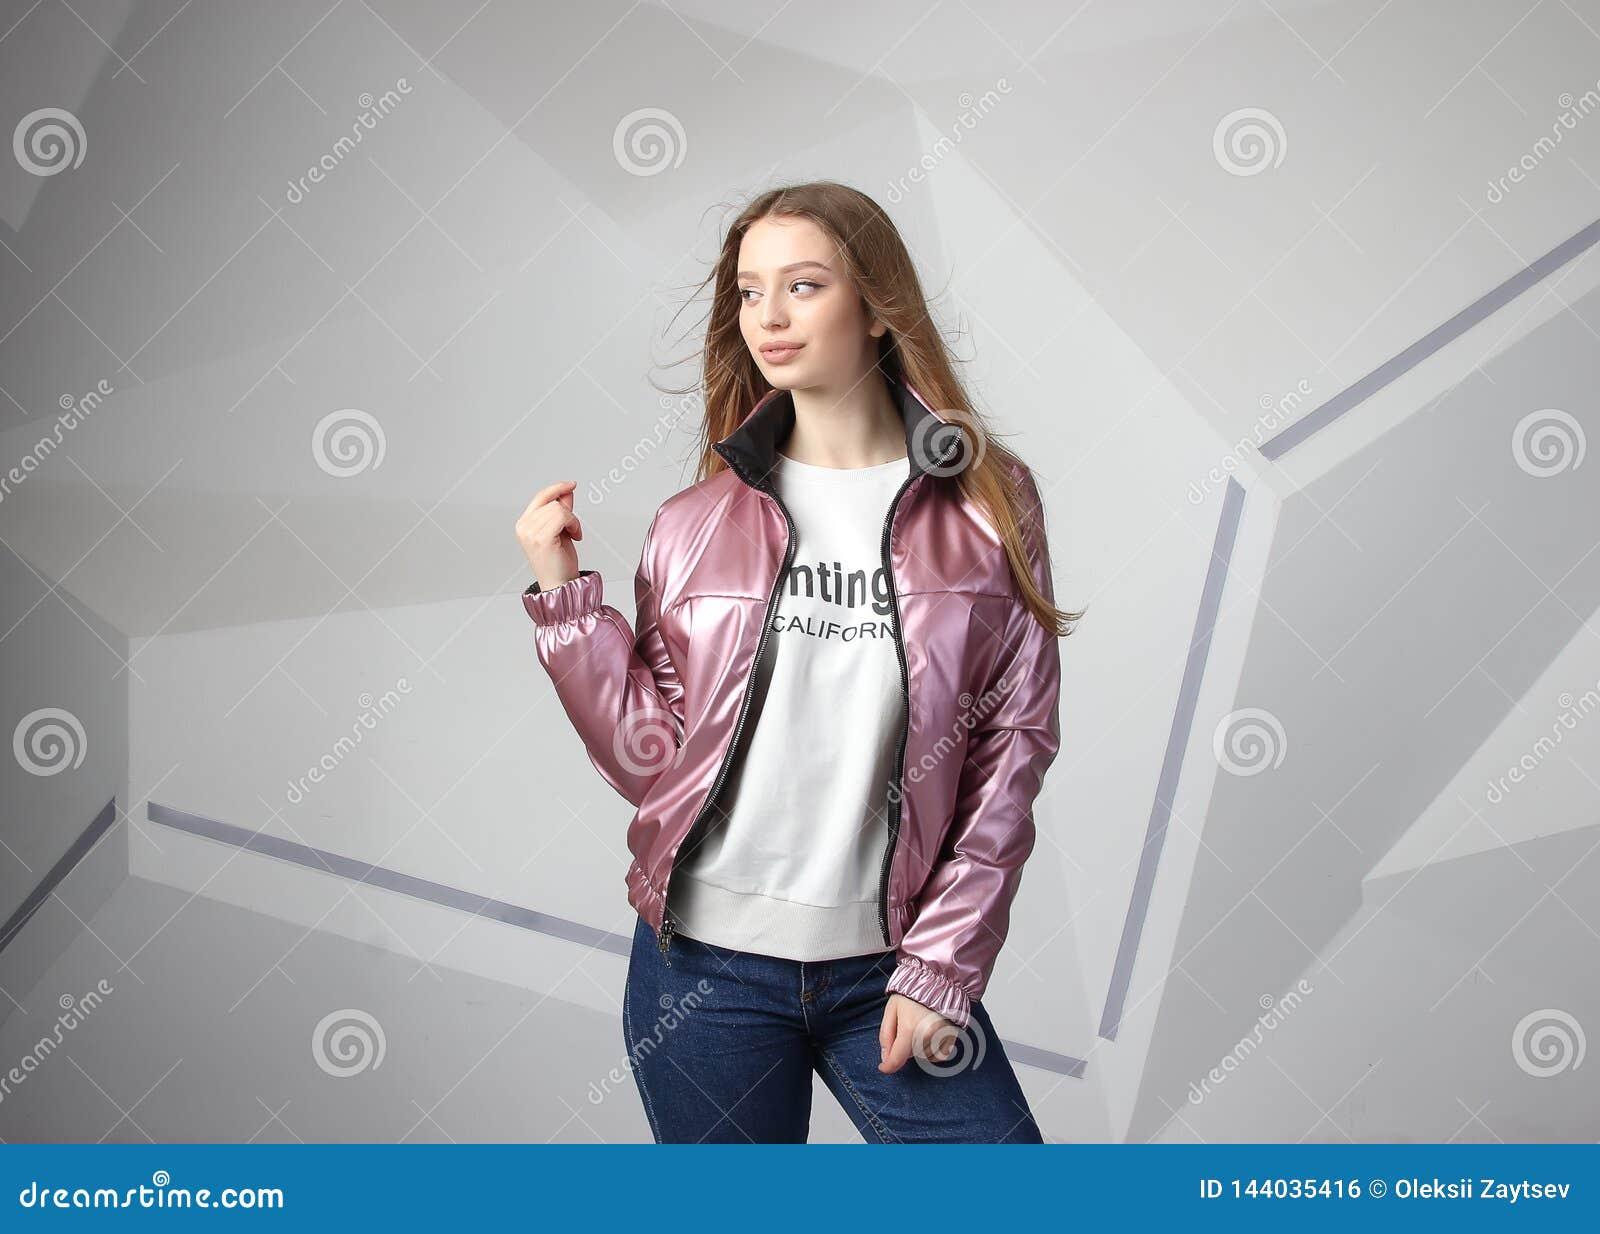 Młodej dziewczyny dziewczyna jest ubranym kurtkę z terenem dla twój logo w górę białej kobiety hoodie,